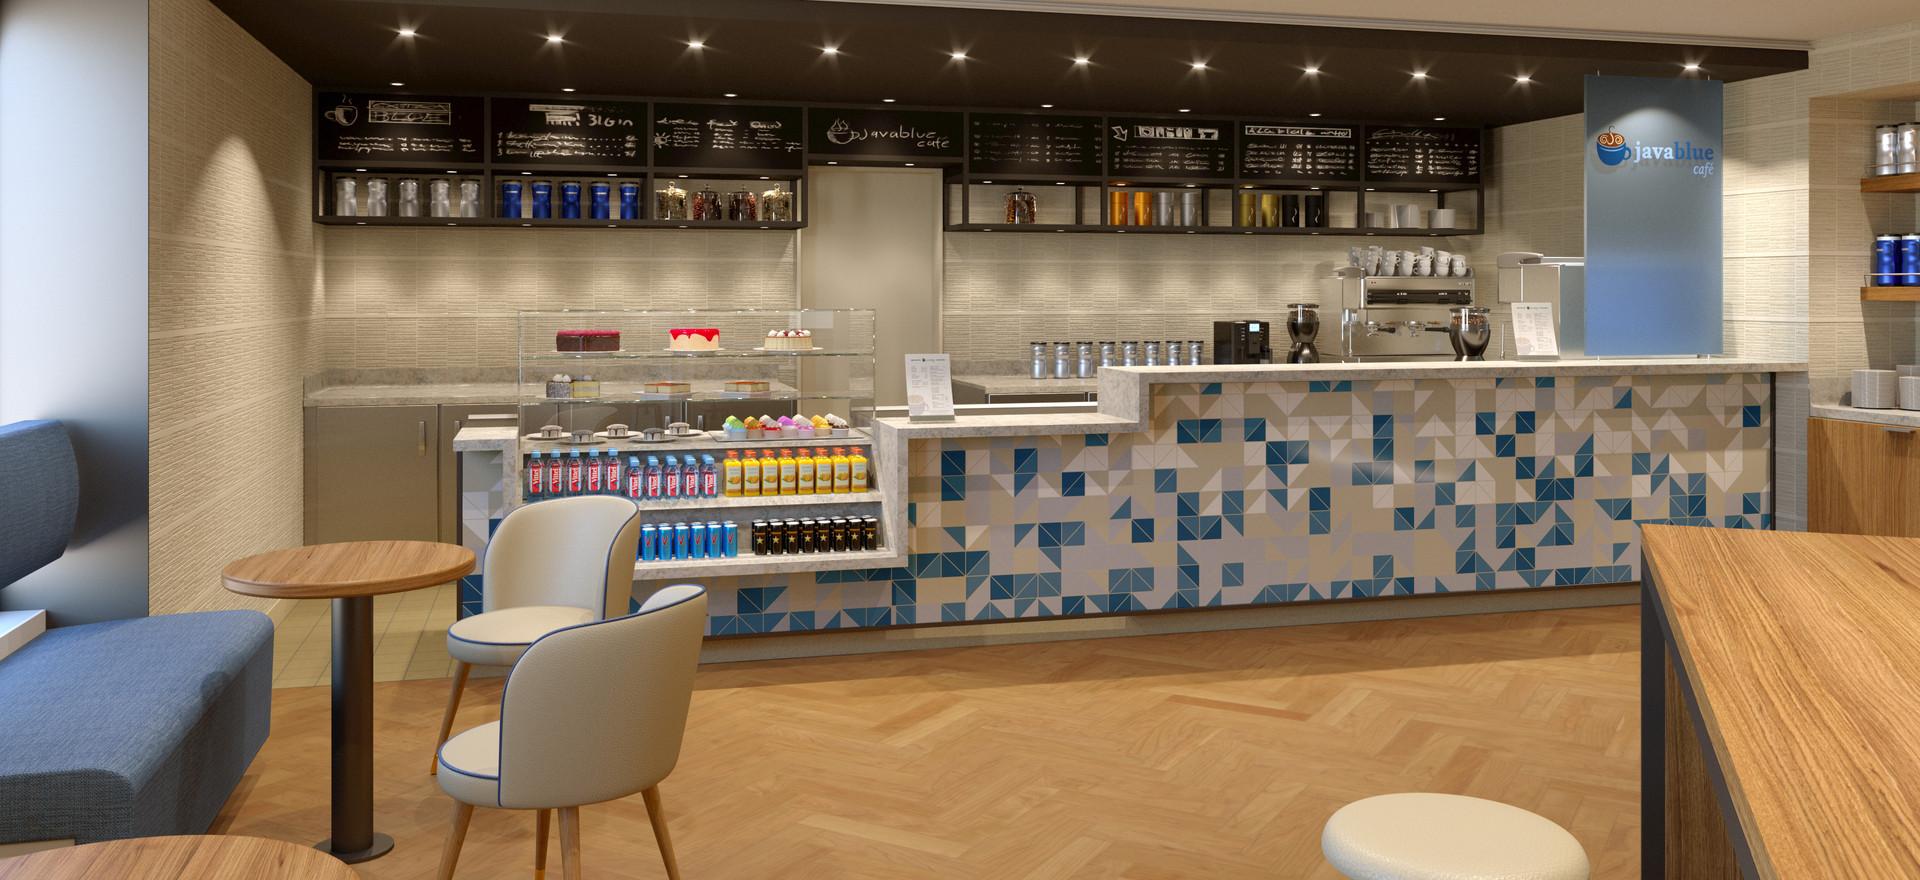 Java Blue Cafe